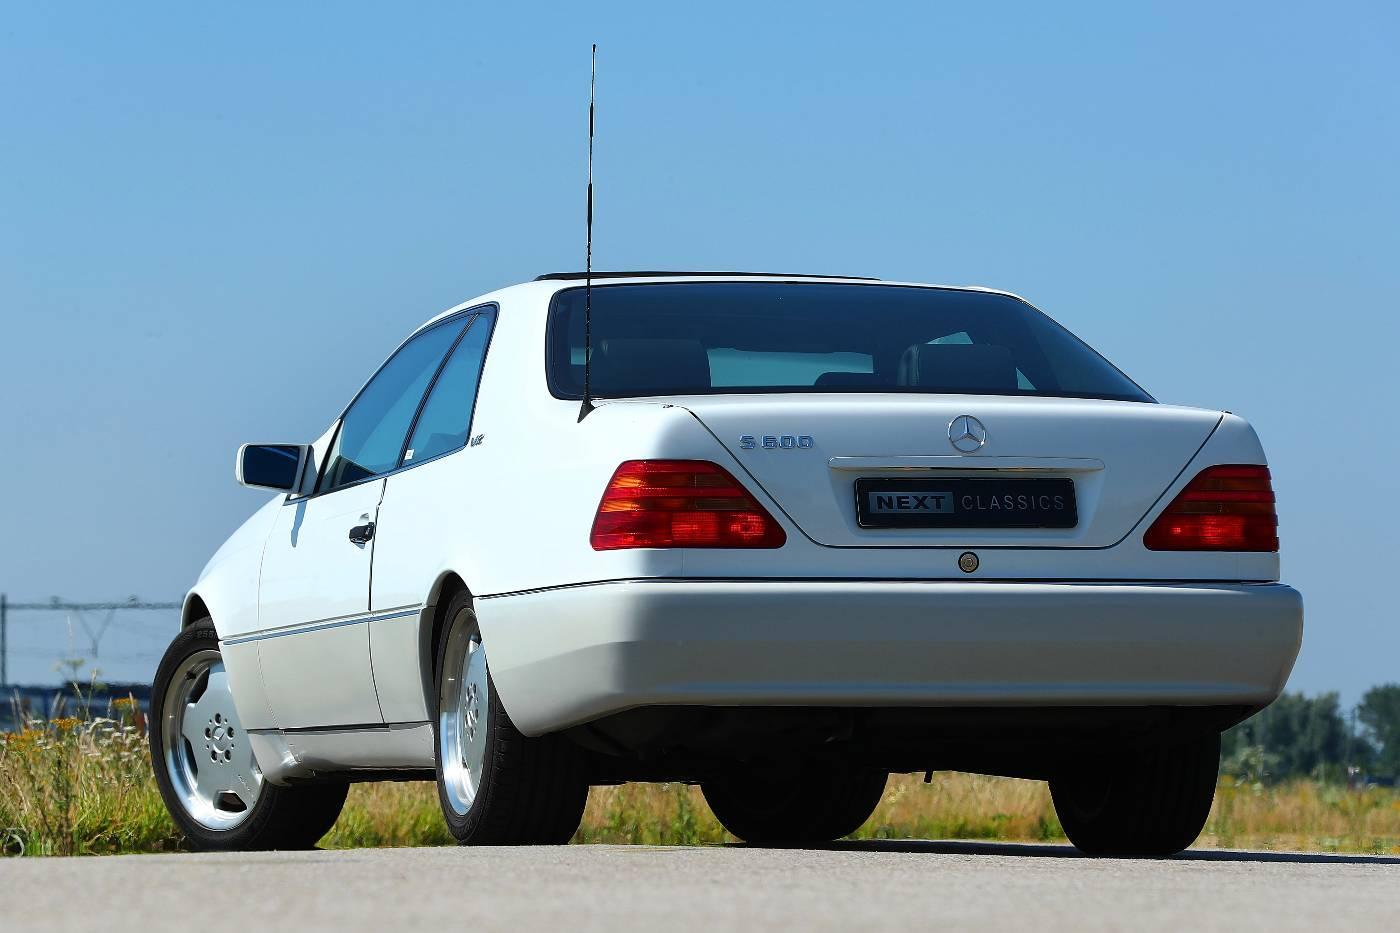 Mercedes S 600 Coupe links achter zij